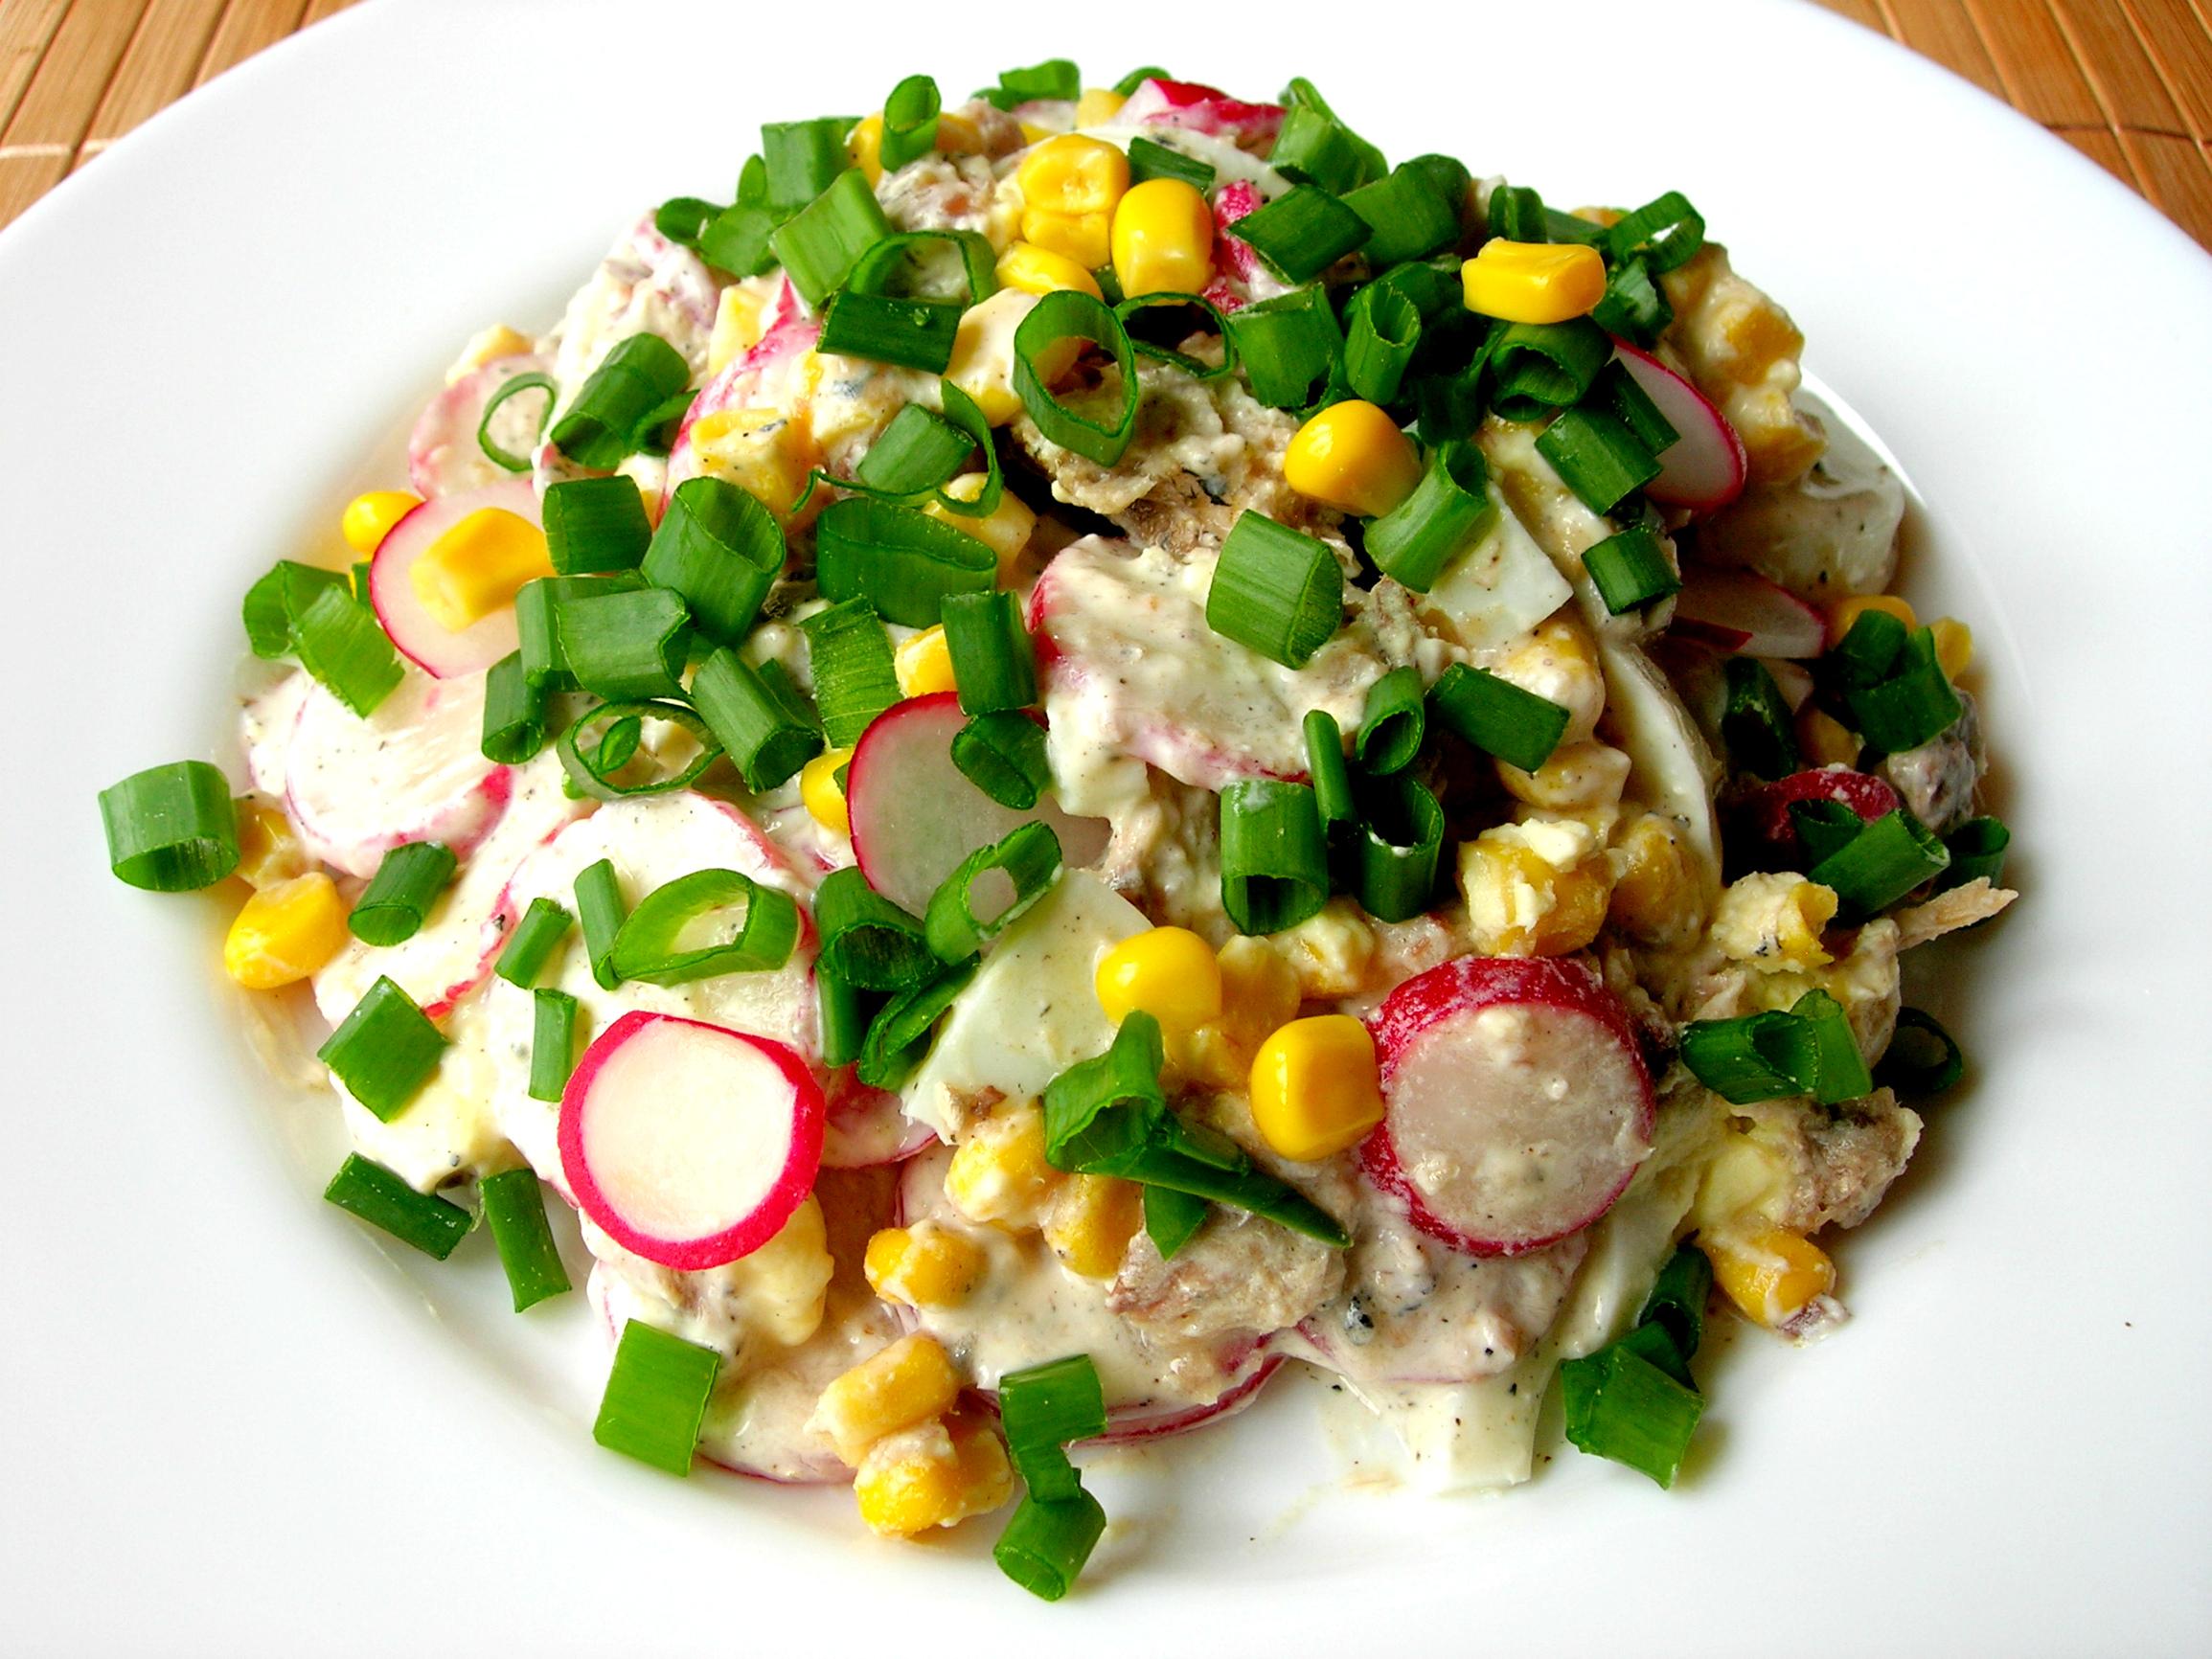 живыми, омары праздничный салат без майонеза рецепт с фото купить радиоуправляемые машины